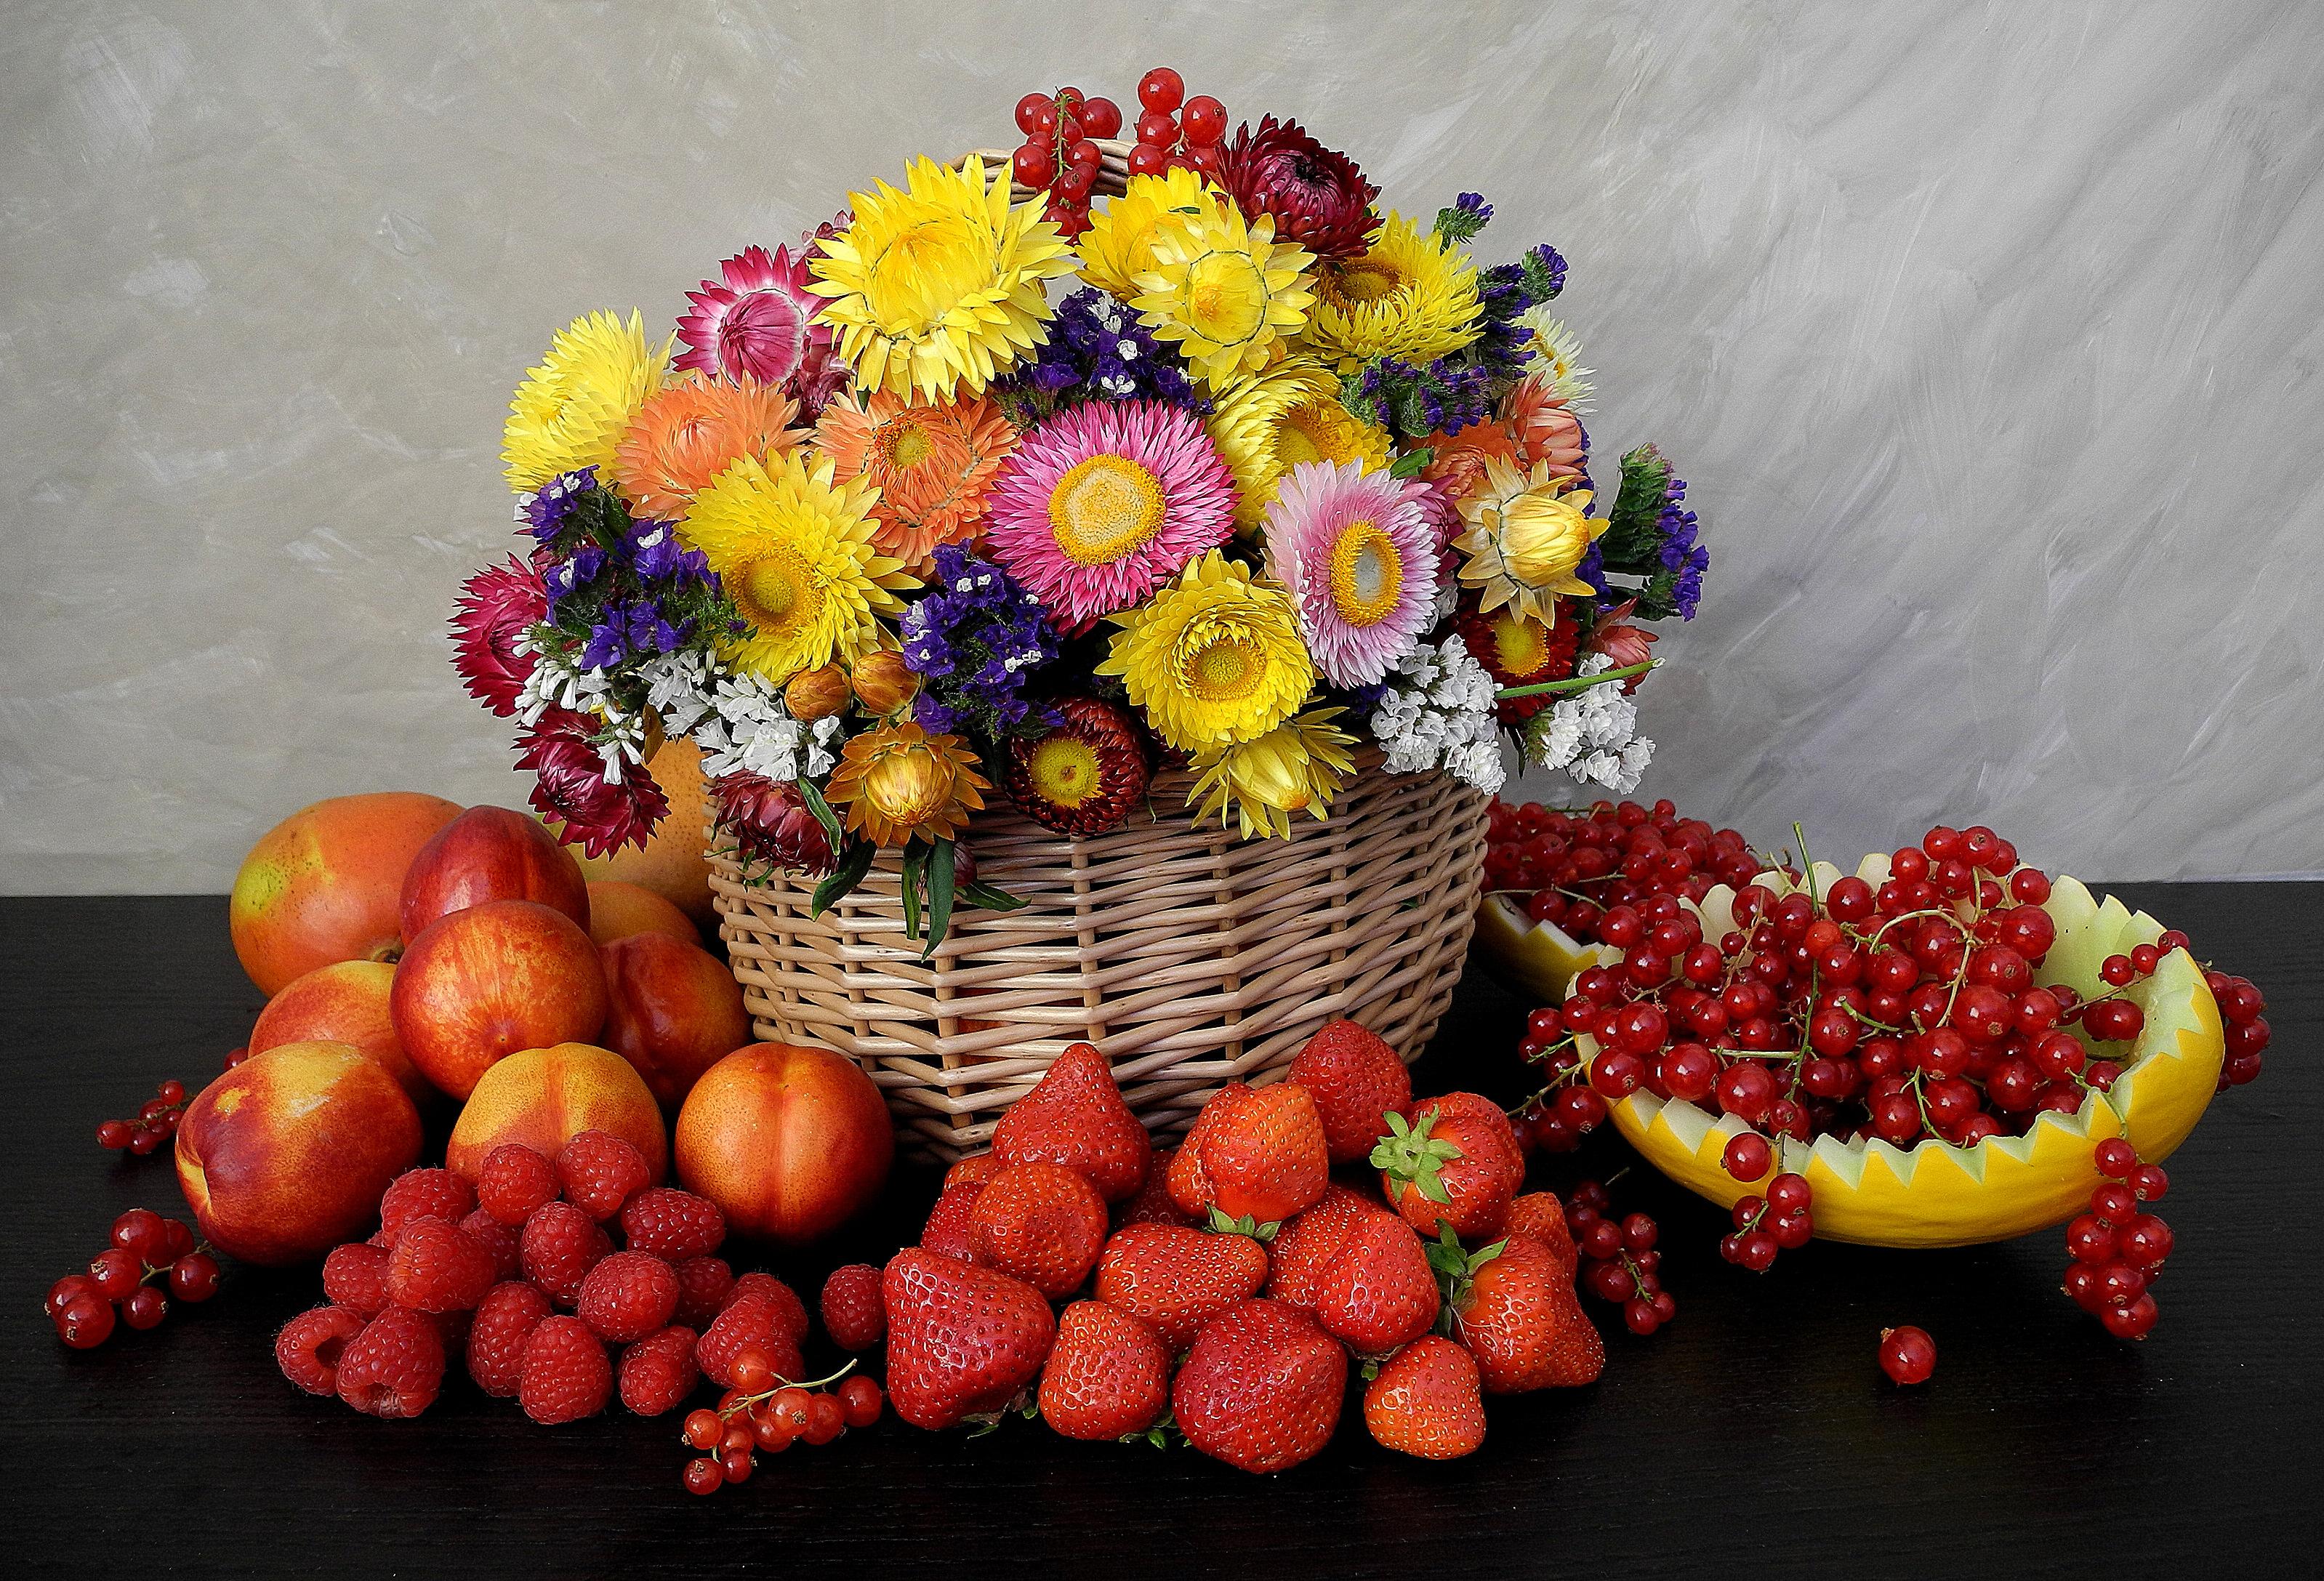 обои на рабочий стол натюрморт с цветами и фруктами № 226435 загрузить